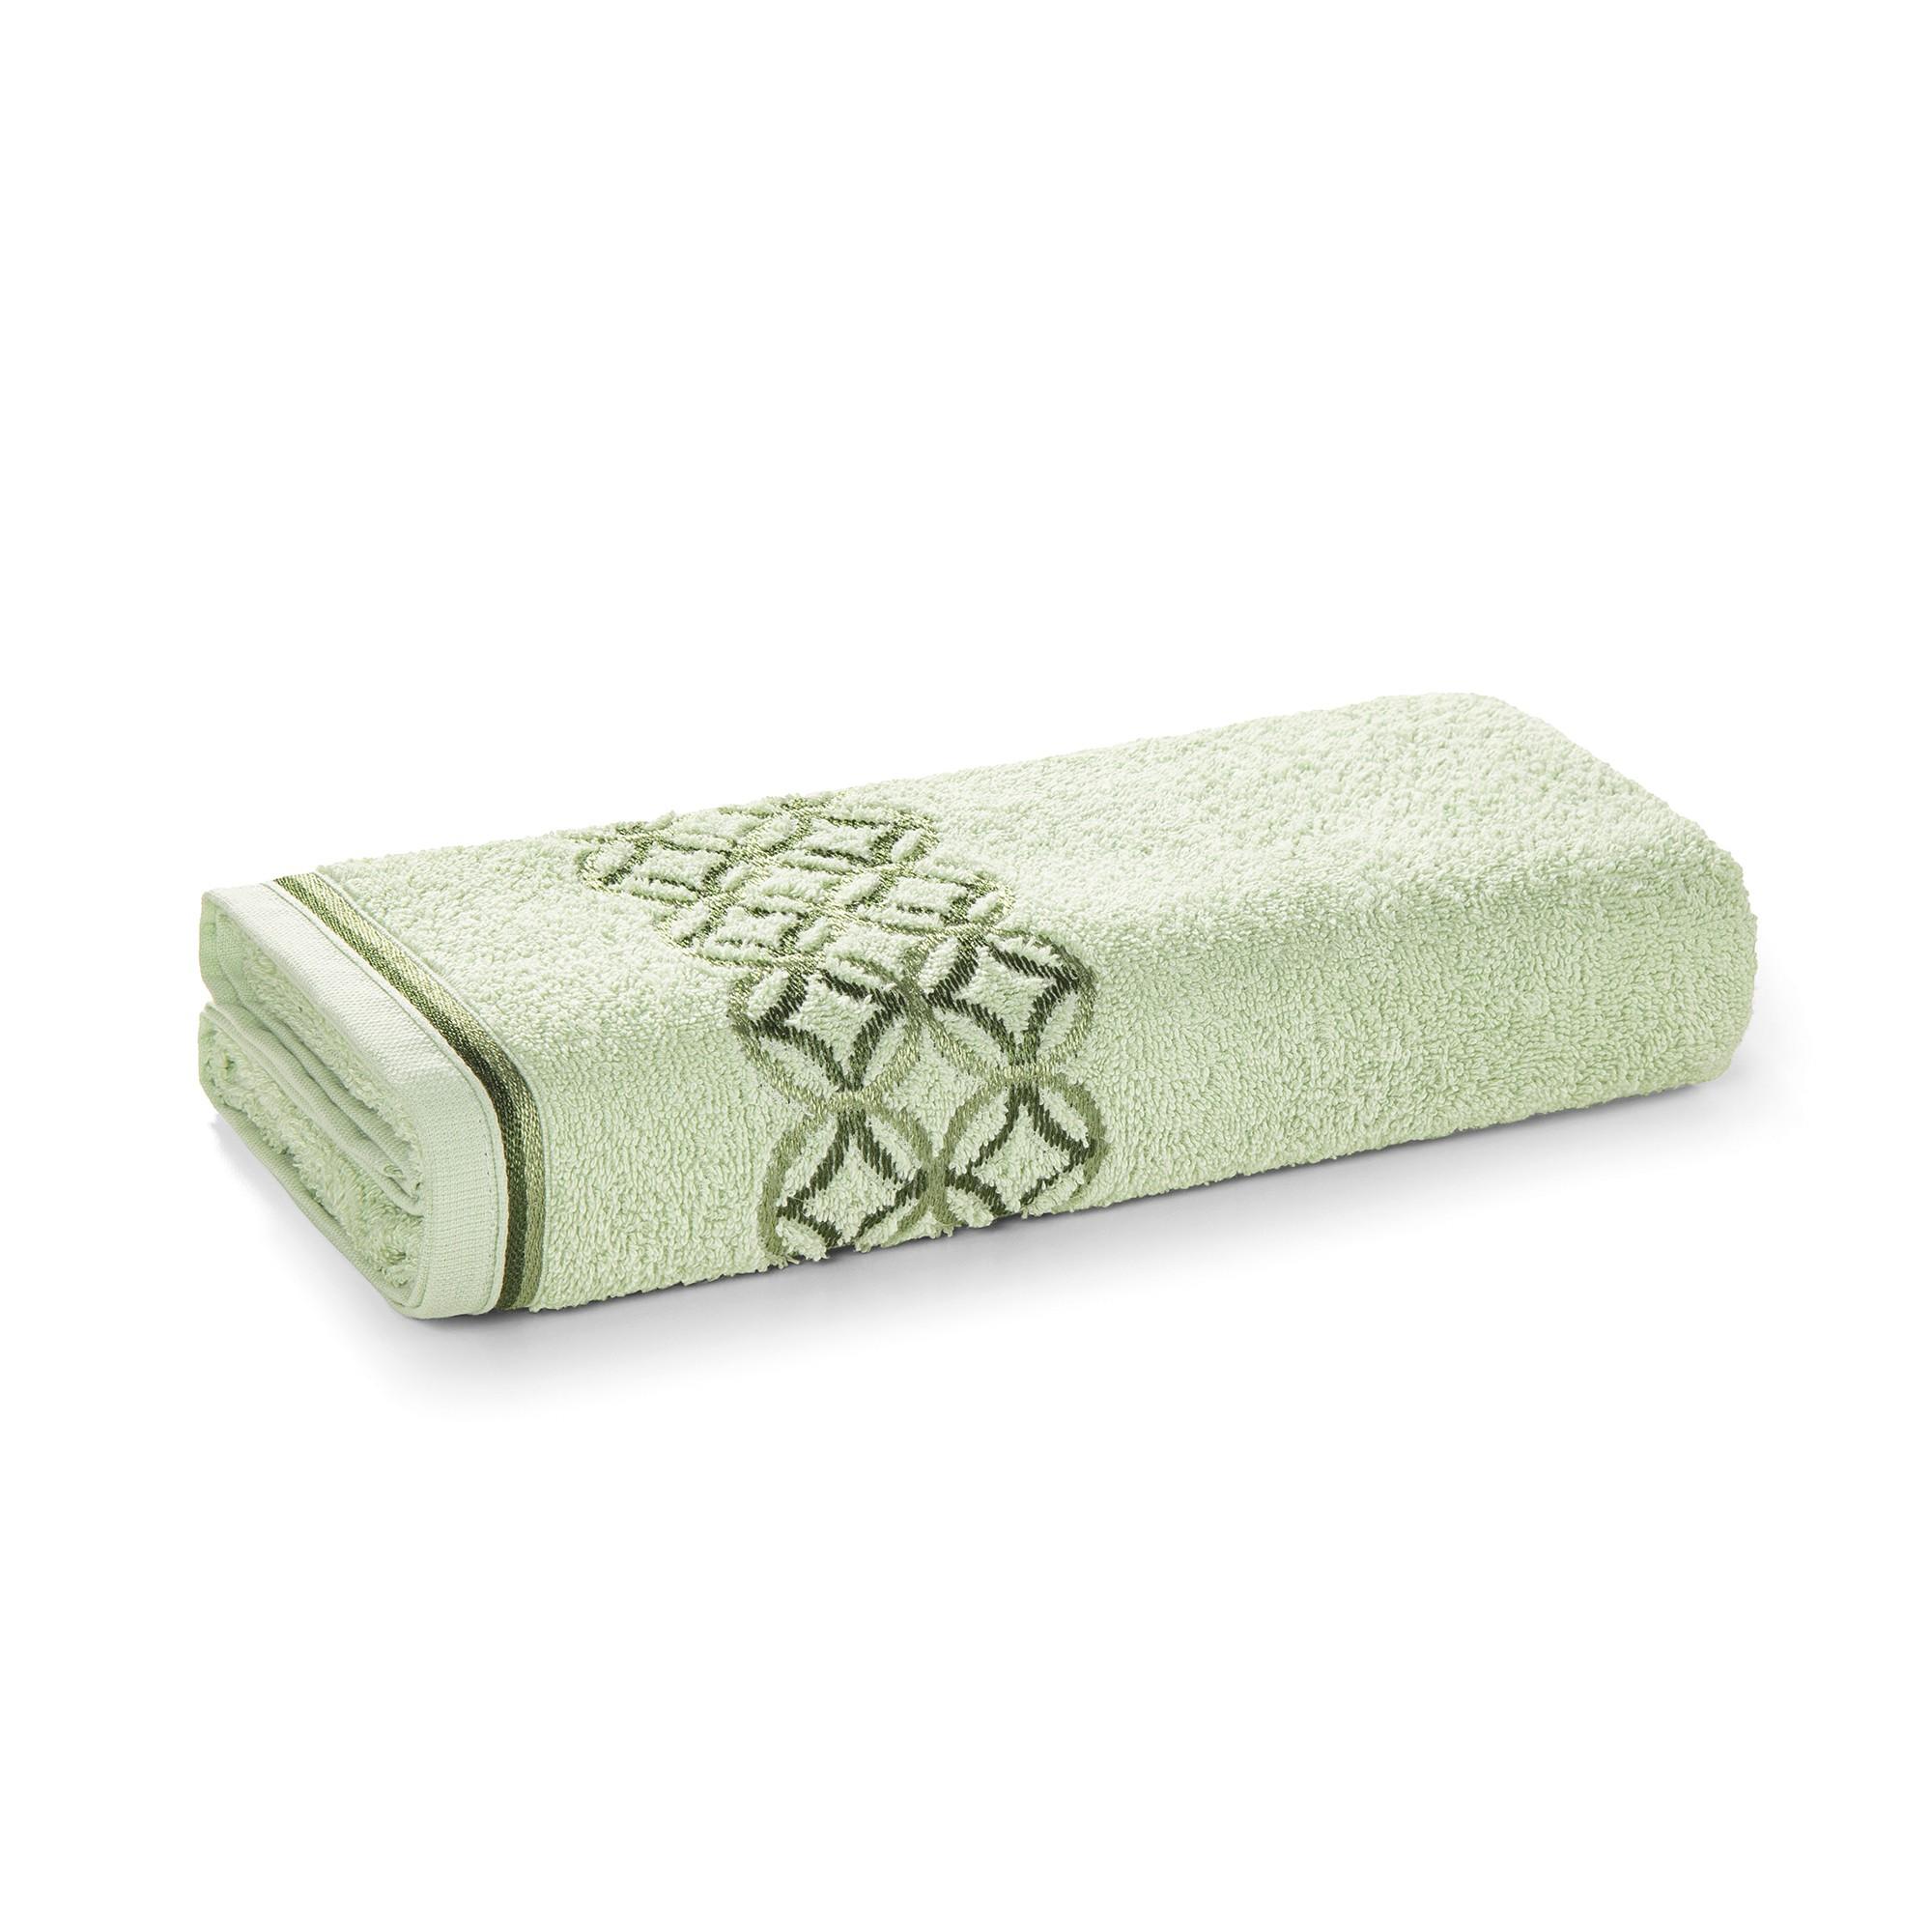 Toalha de Banho Karsten Nardin com Acabamento Cotton 67x135 cm - Verde